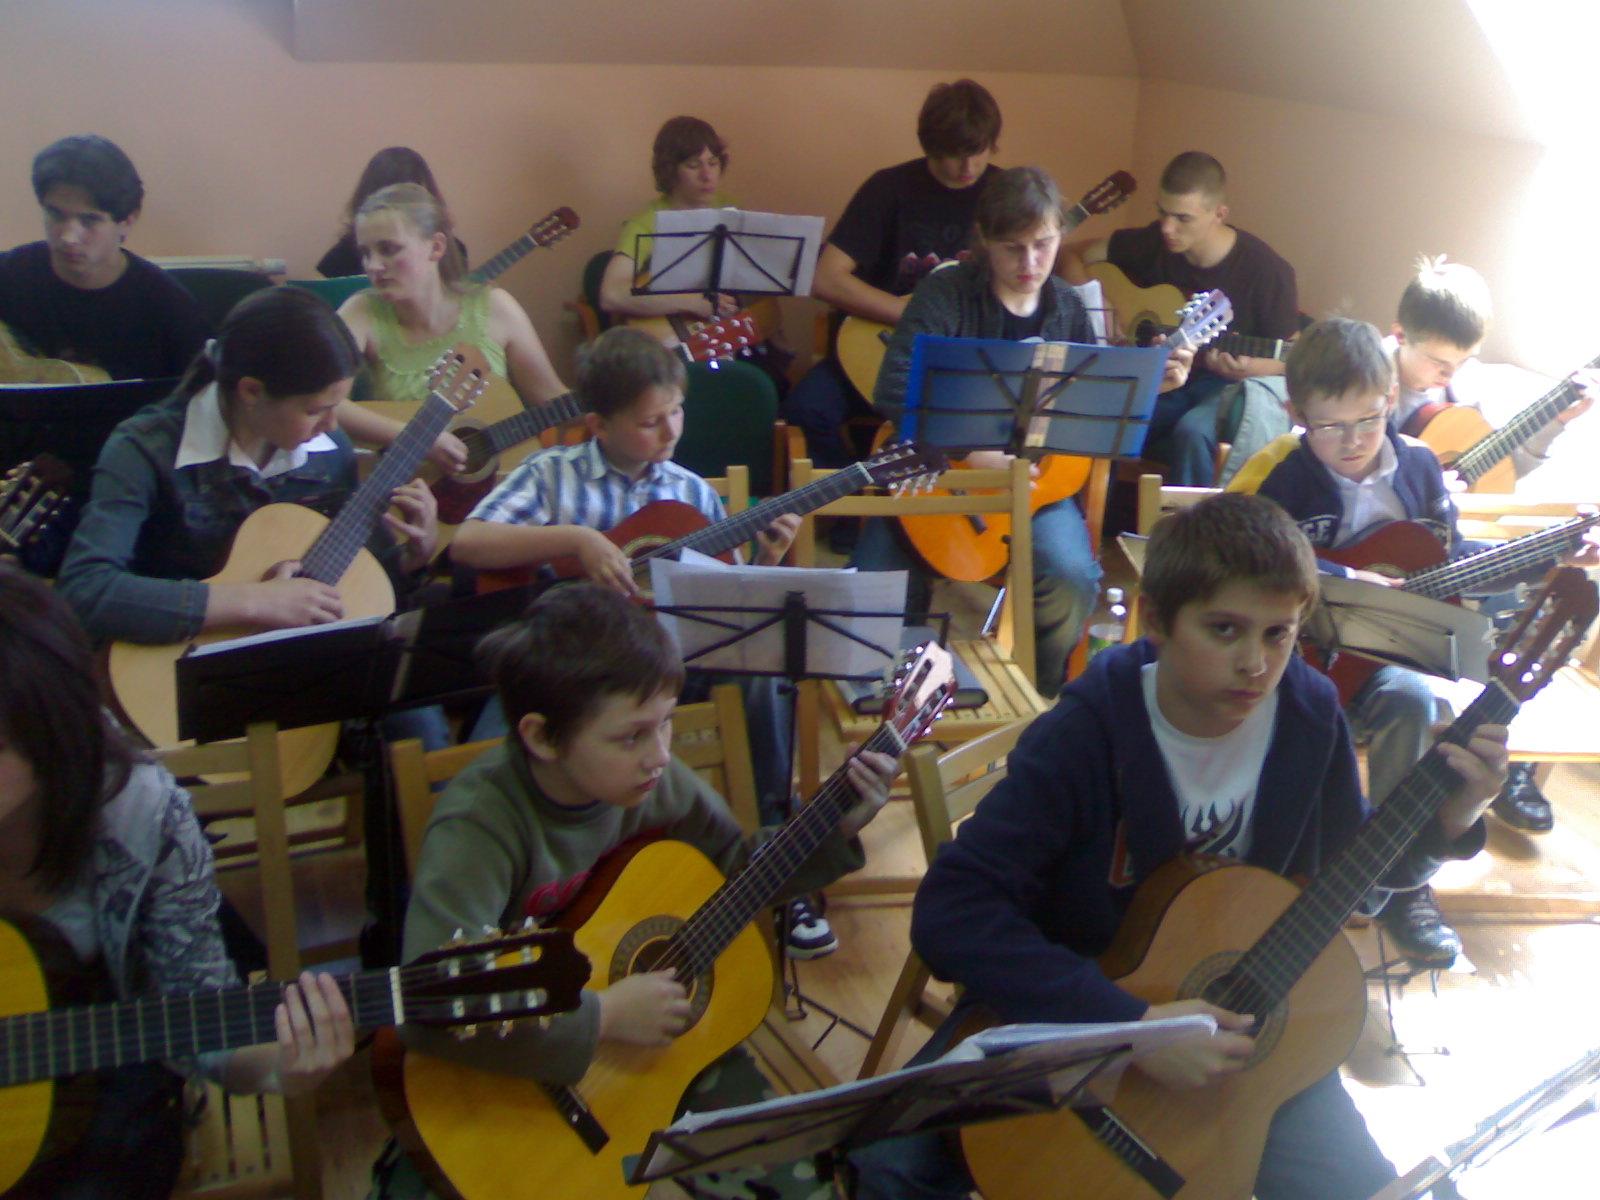 I zgr 2009.06.13.jpg